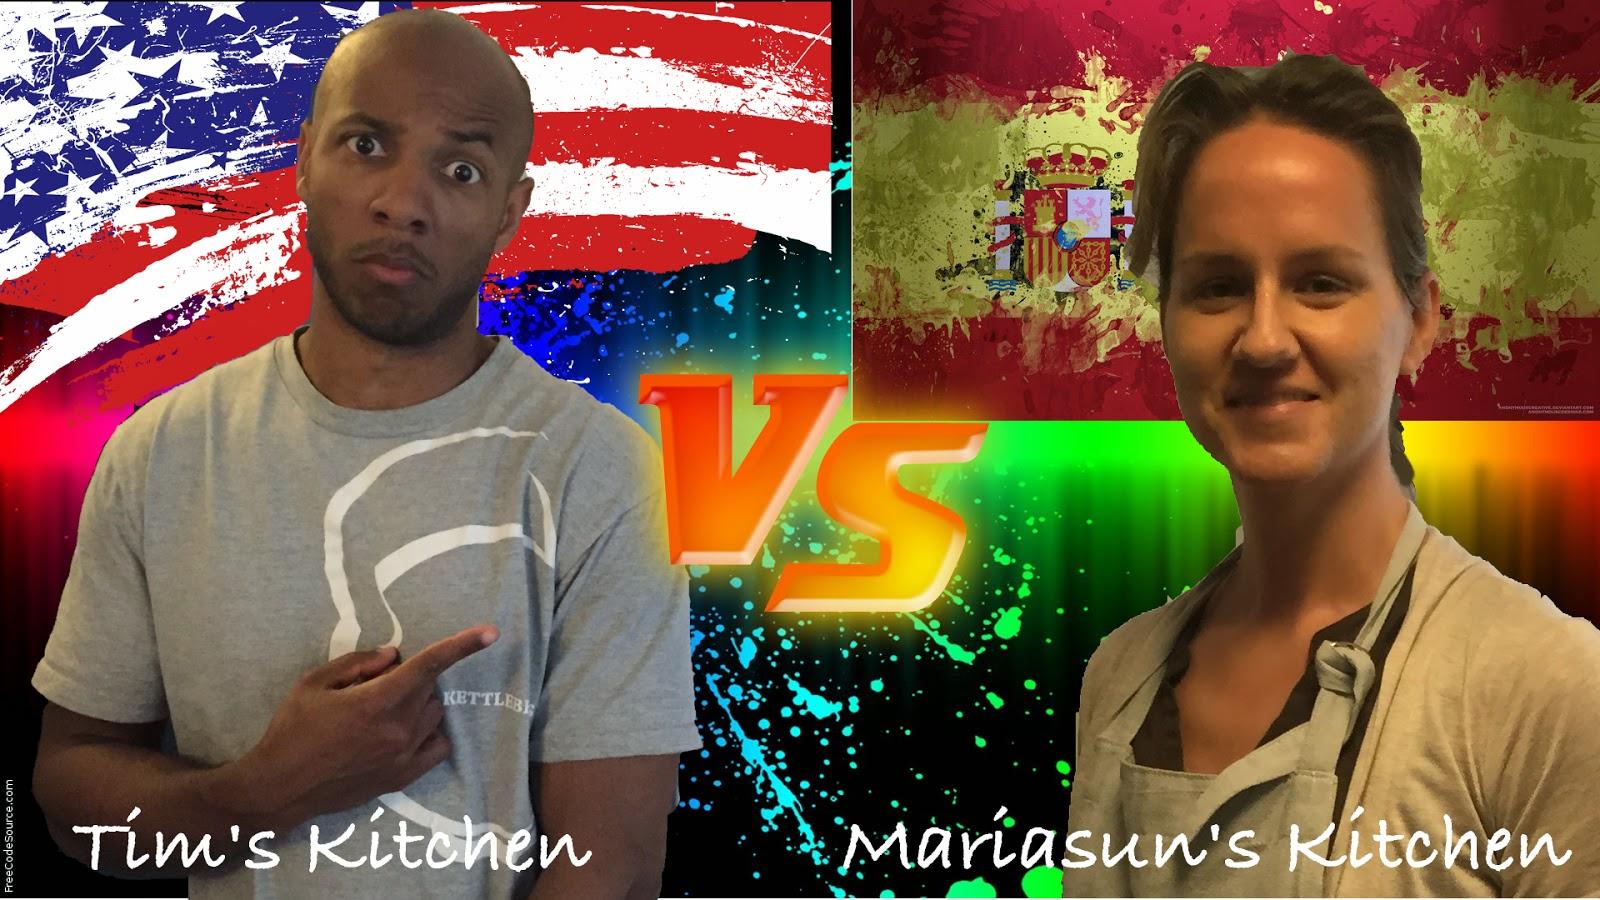 Mariasun's kitchen vs Mine